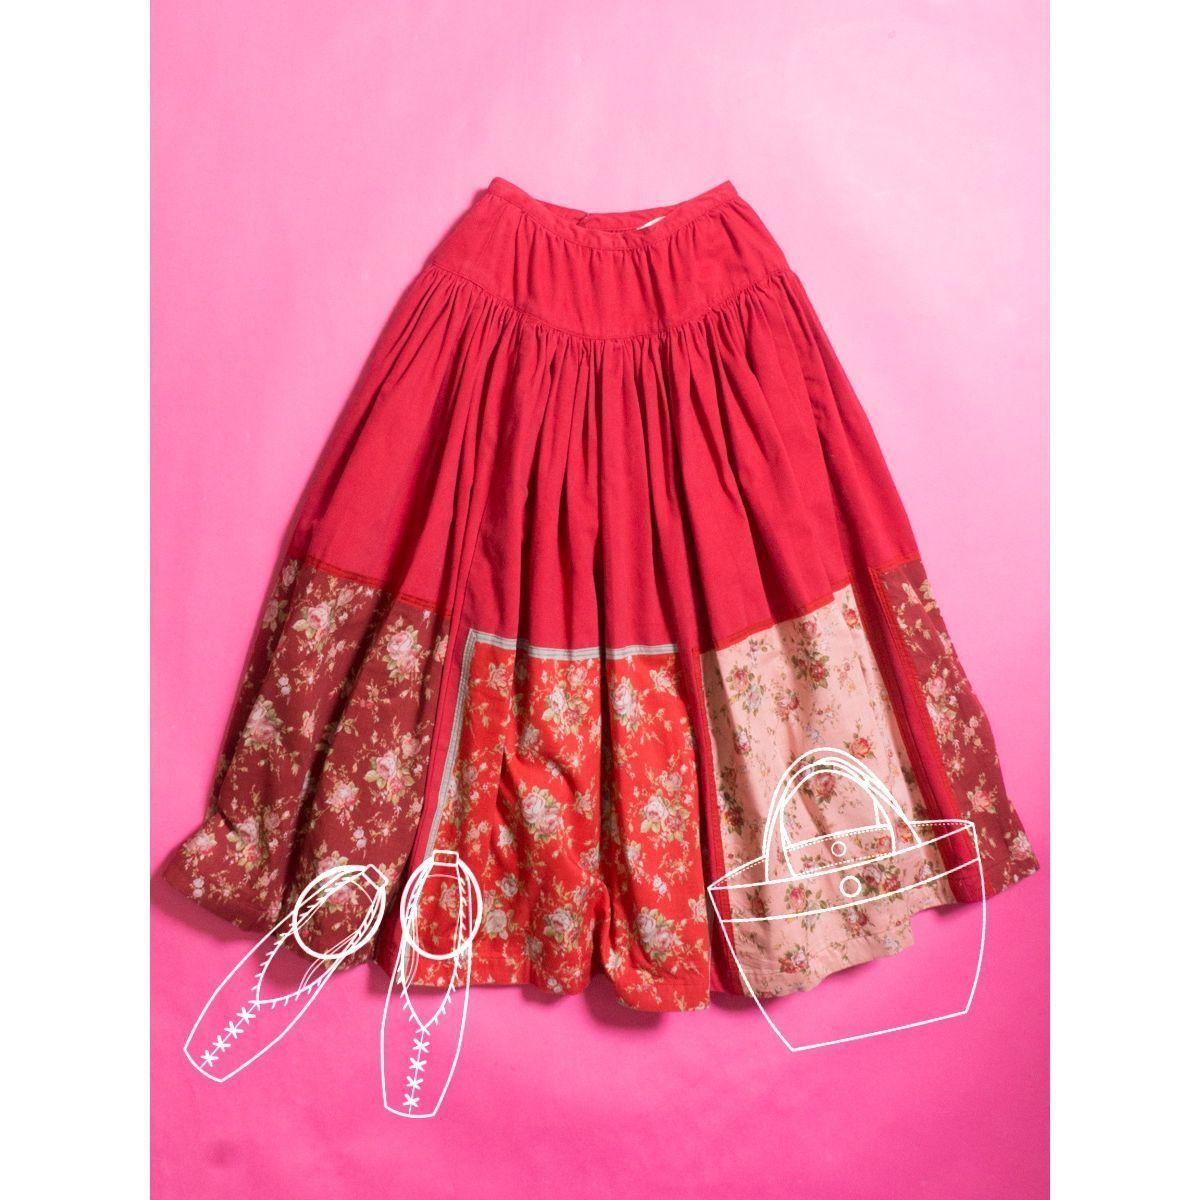 PINK HOUSE ピンクハウス ギャザースカート レッド ピンク 赤 花柄 パッチワーク バラ 綿100% ロング フレア 大人かわいい カジュアル